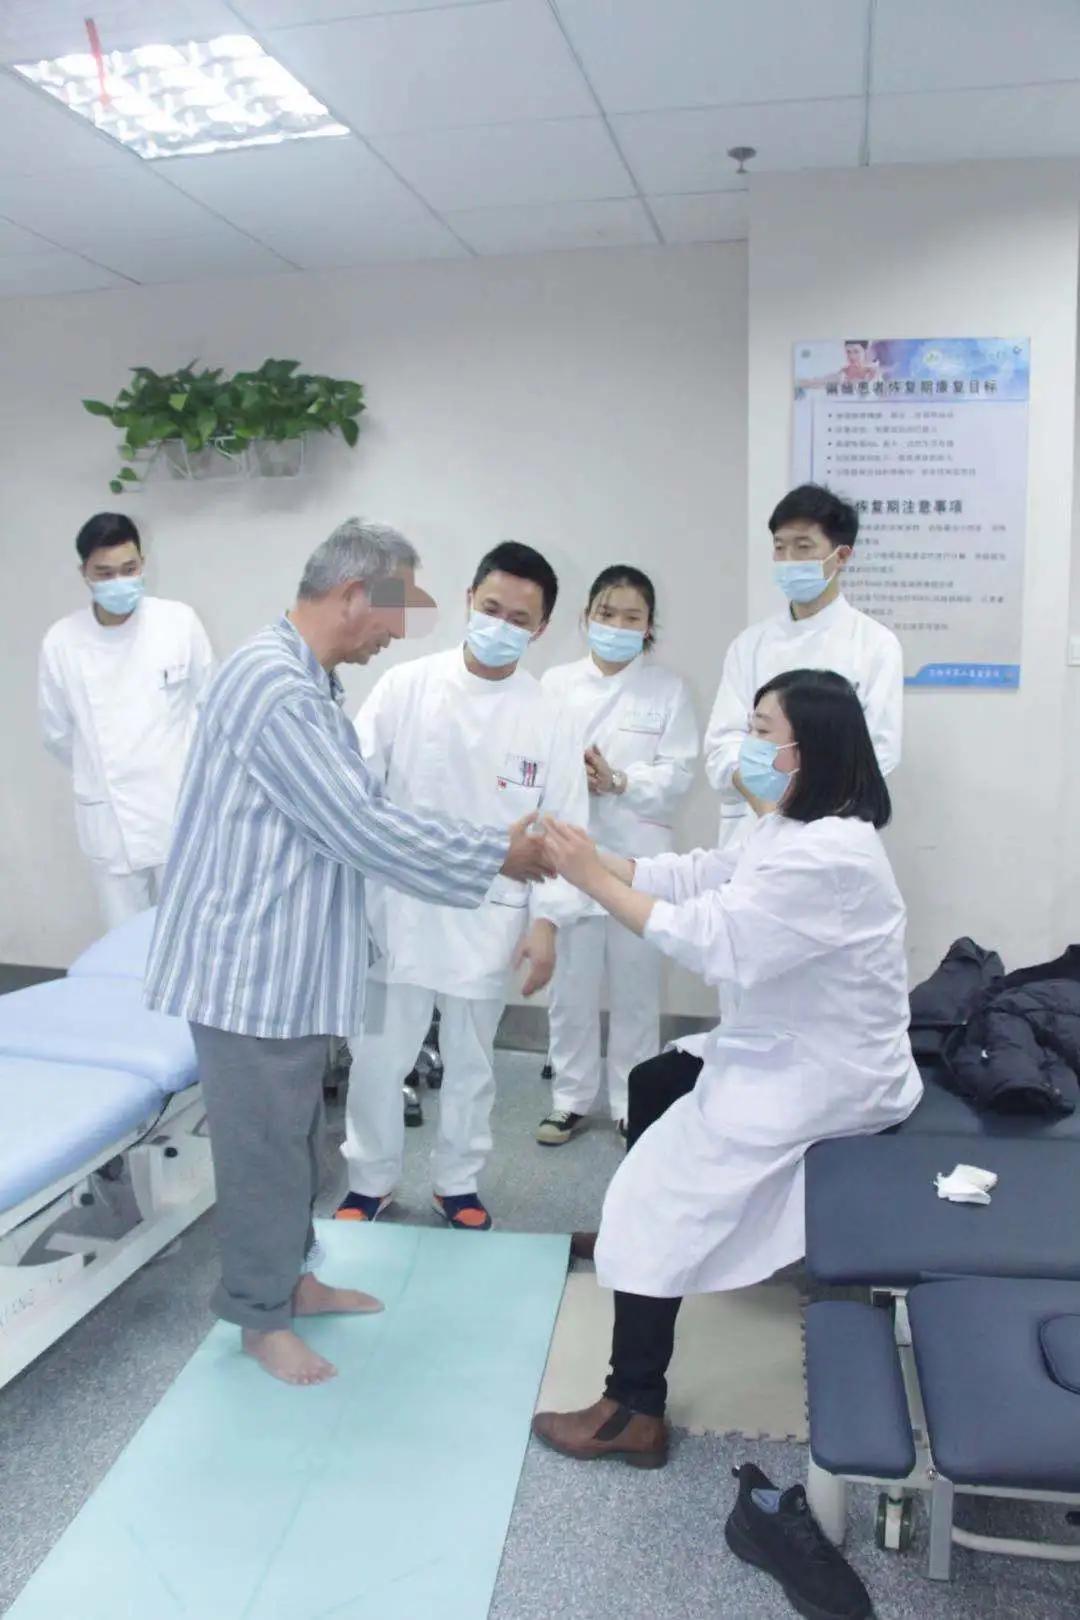 上海市第二康复医院开展基于 ICF 框架下的神经康复病例讨论